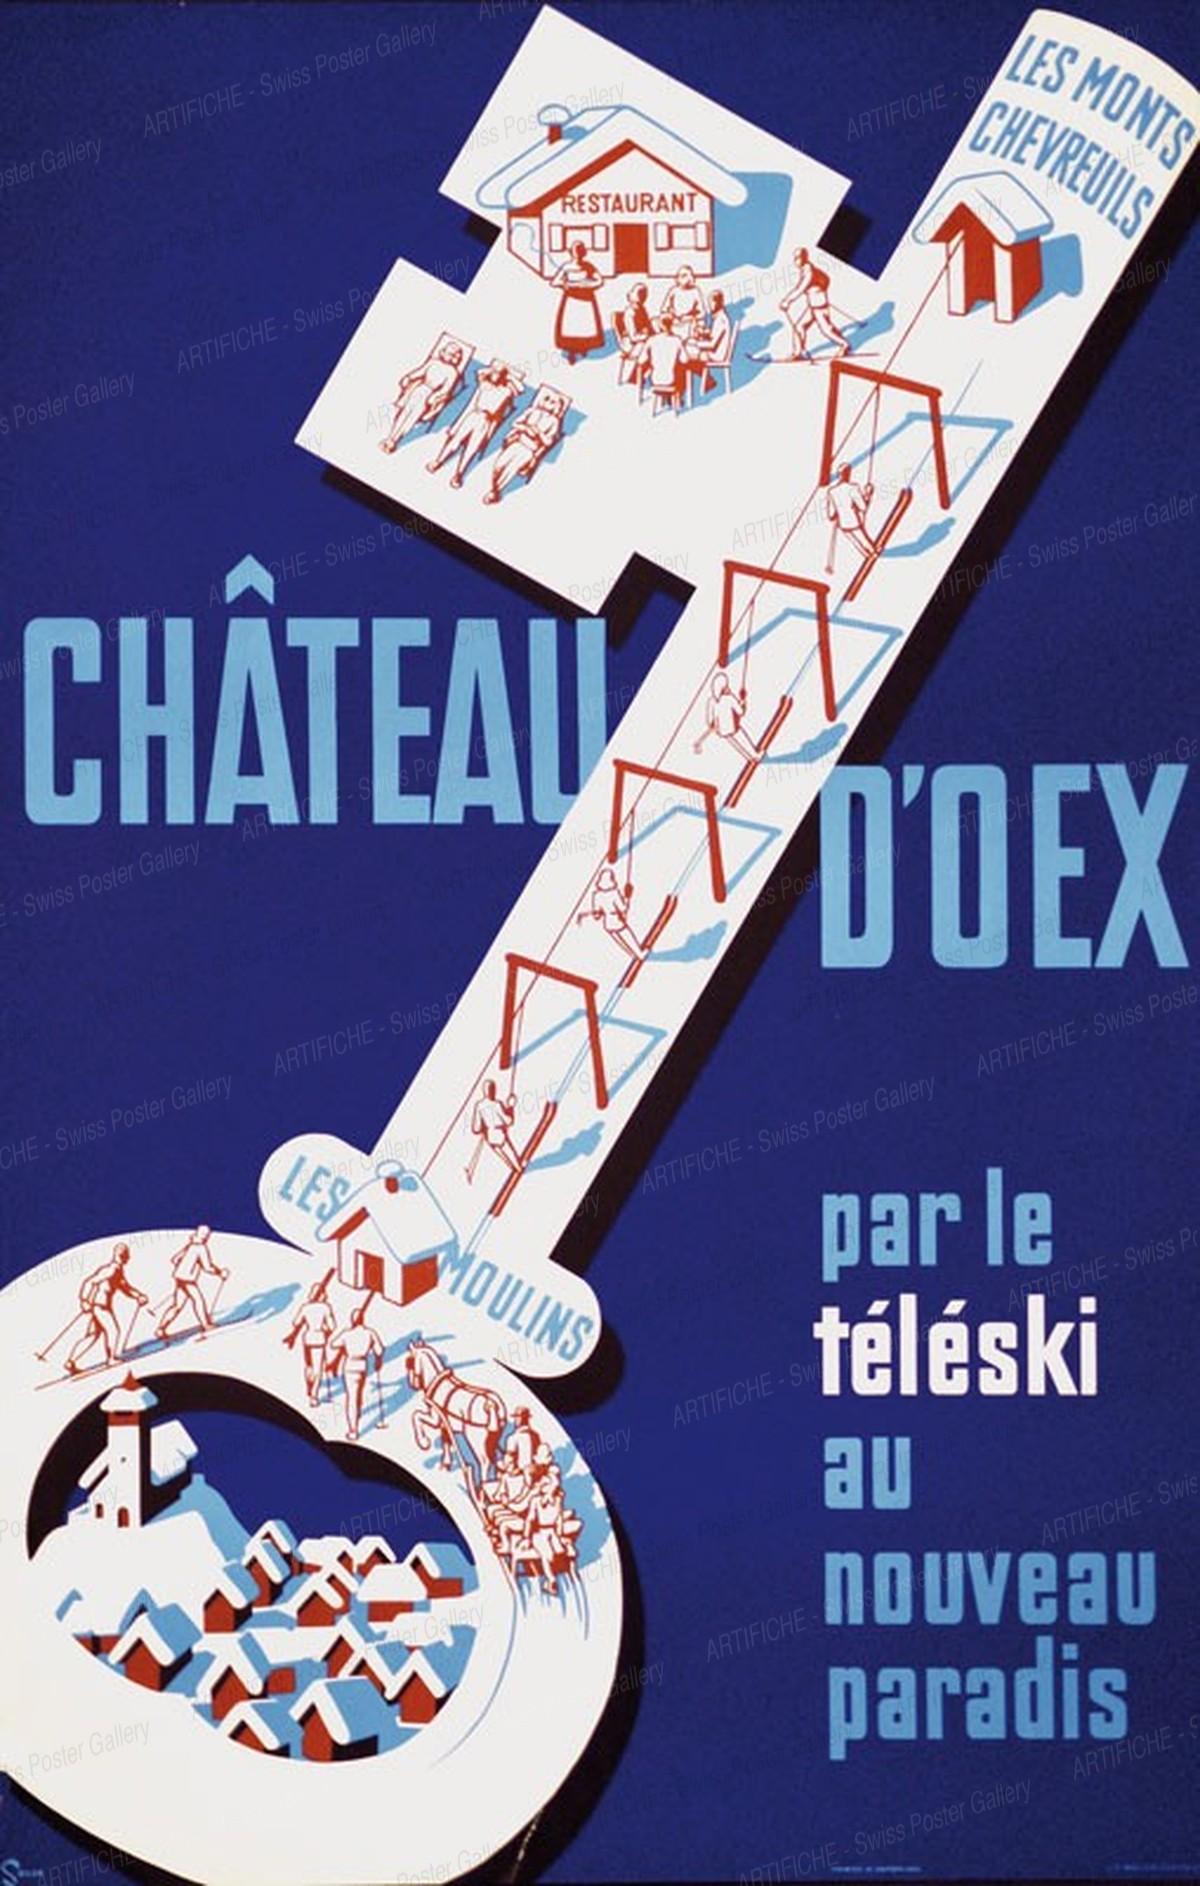 CHÂTEAU D'OEX – par le téléski au nouveau paradis – Les Moulins – Les Monts Chevreuils, Seiler